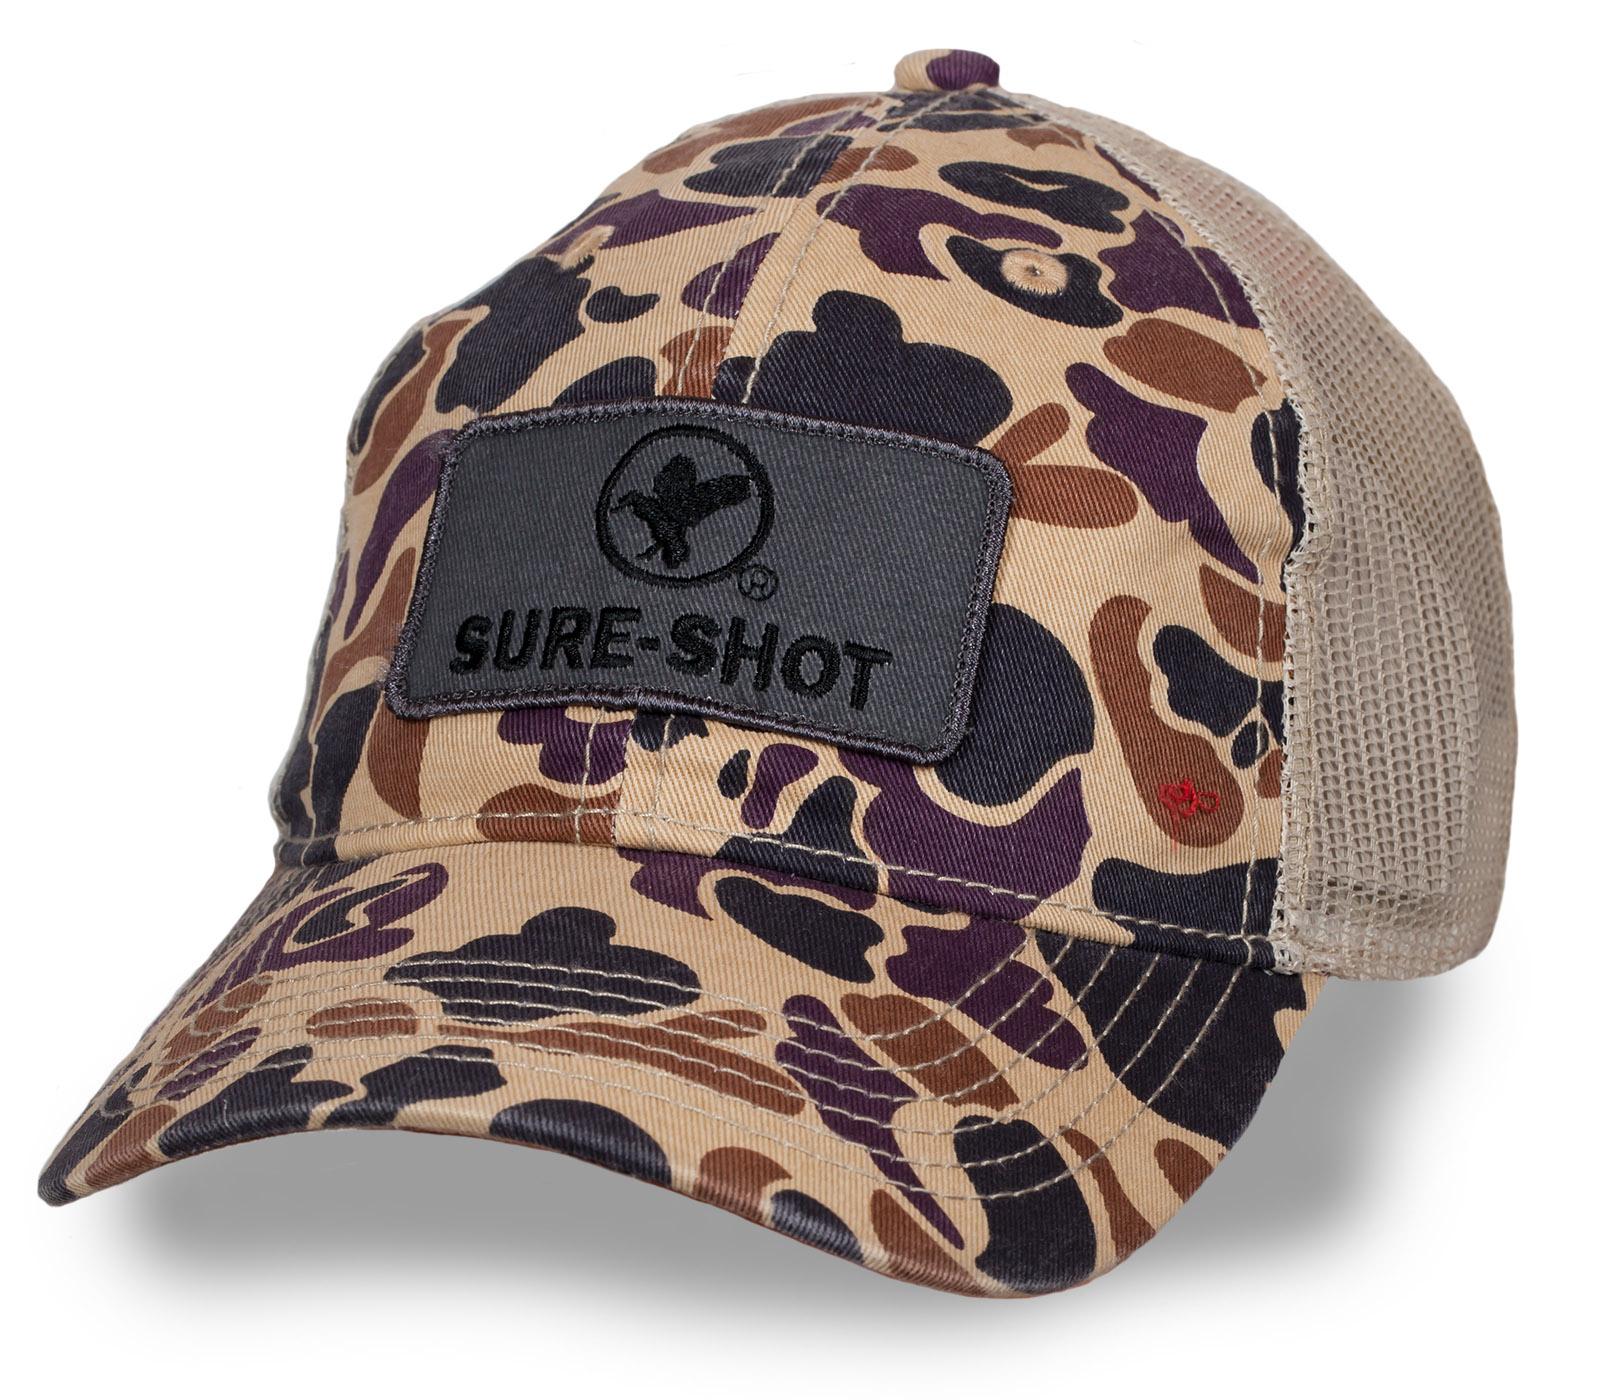 Фирменная бейсболка с логотипом SURE SHOT